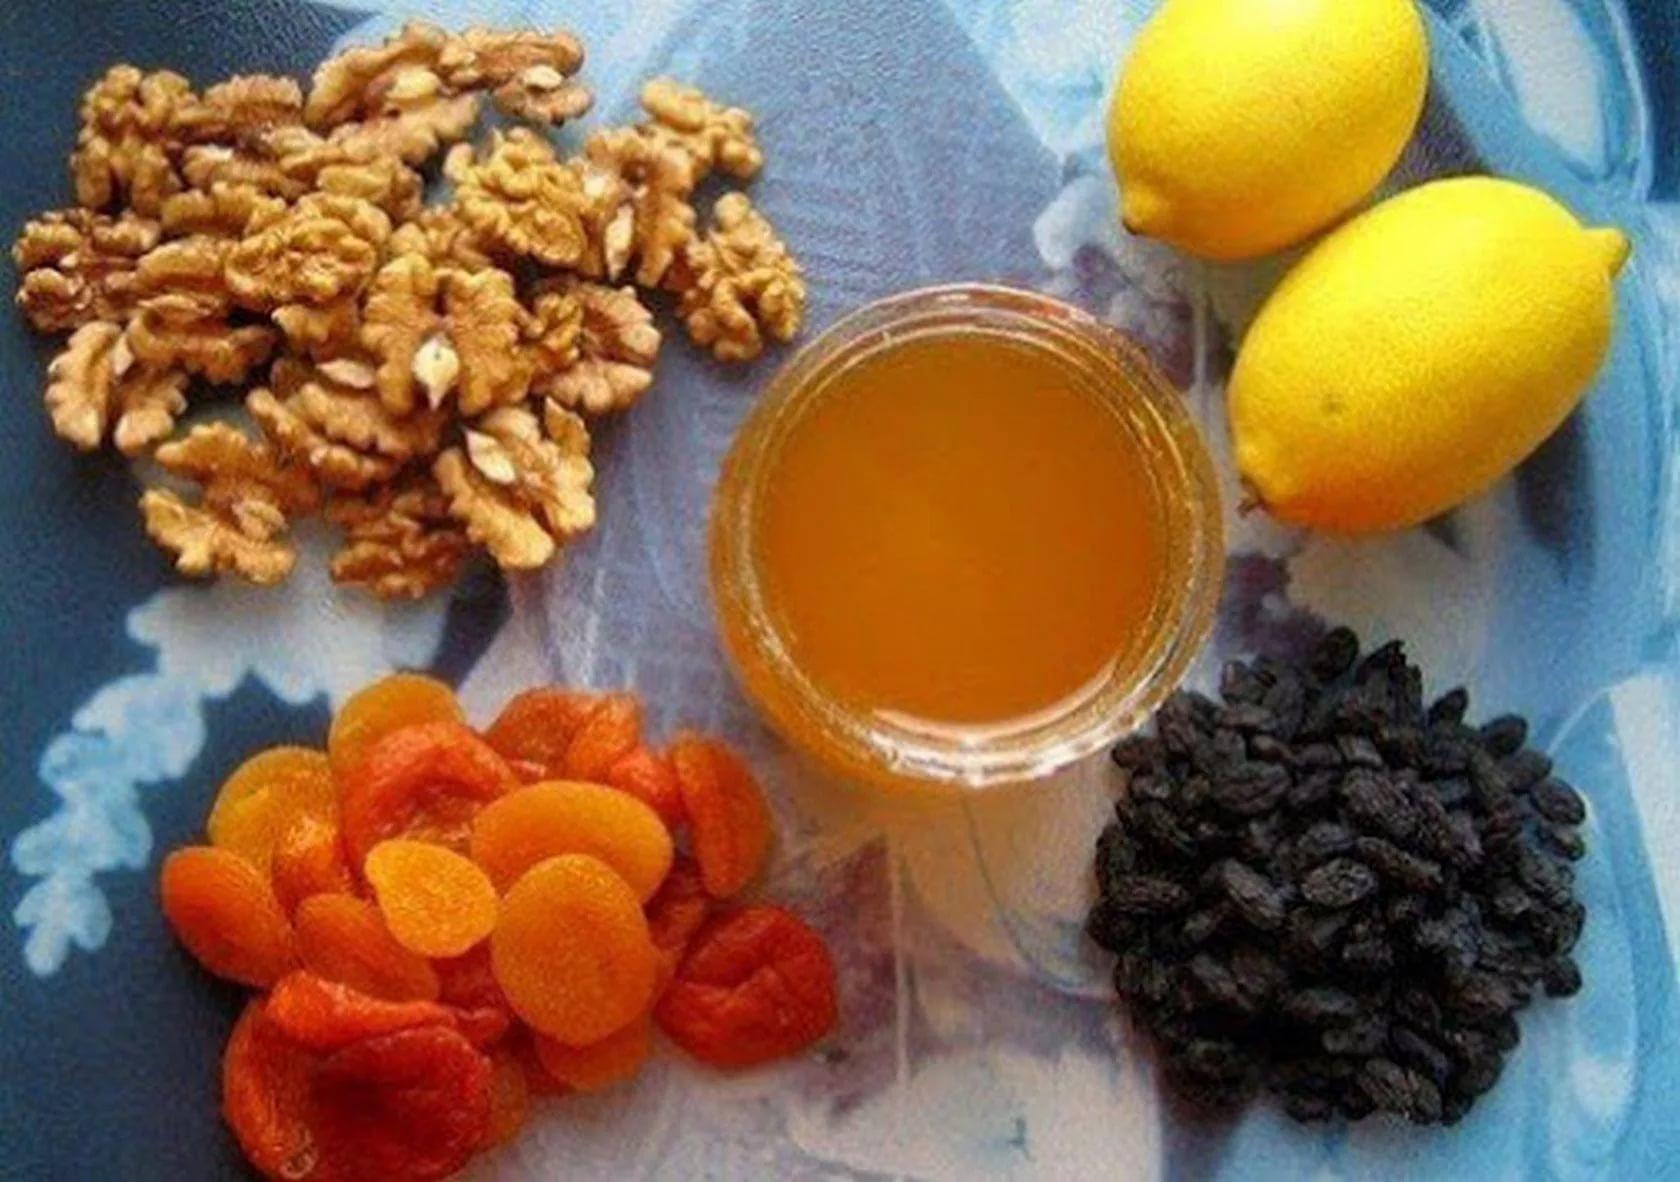 витамины для повышения иммунитета картинки диване должна